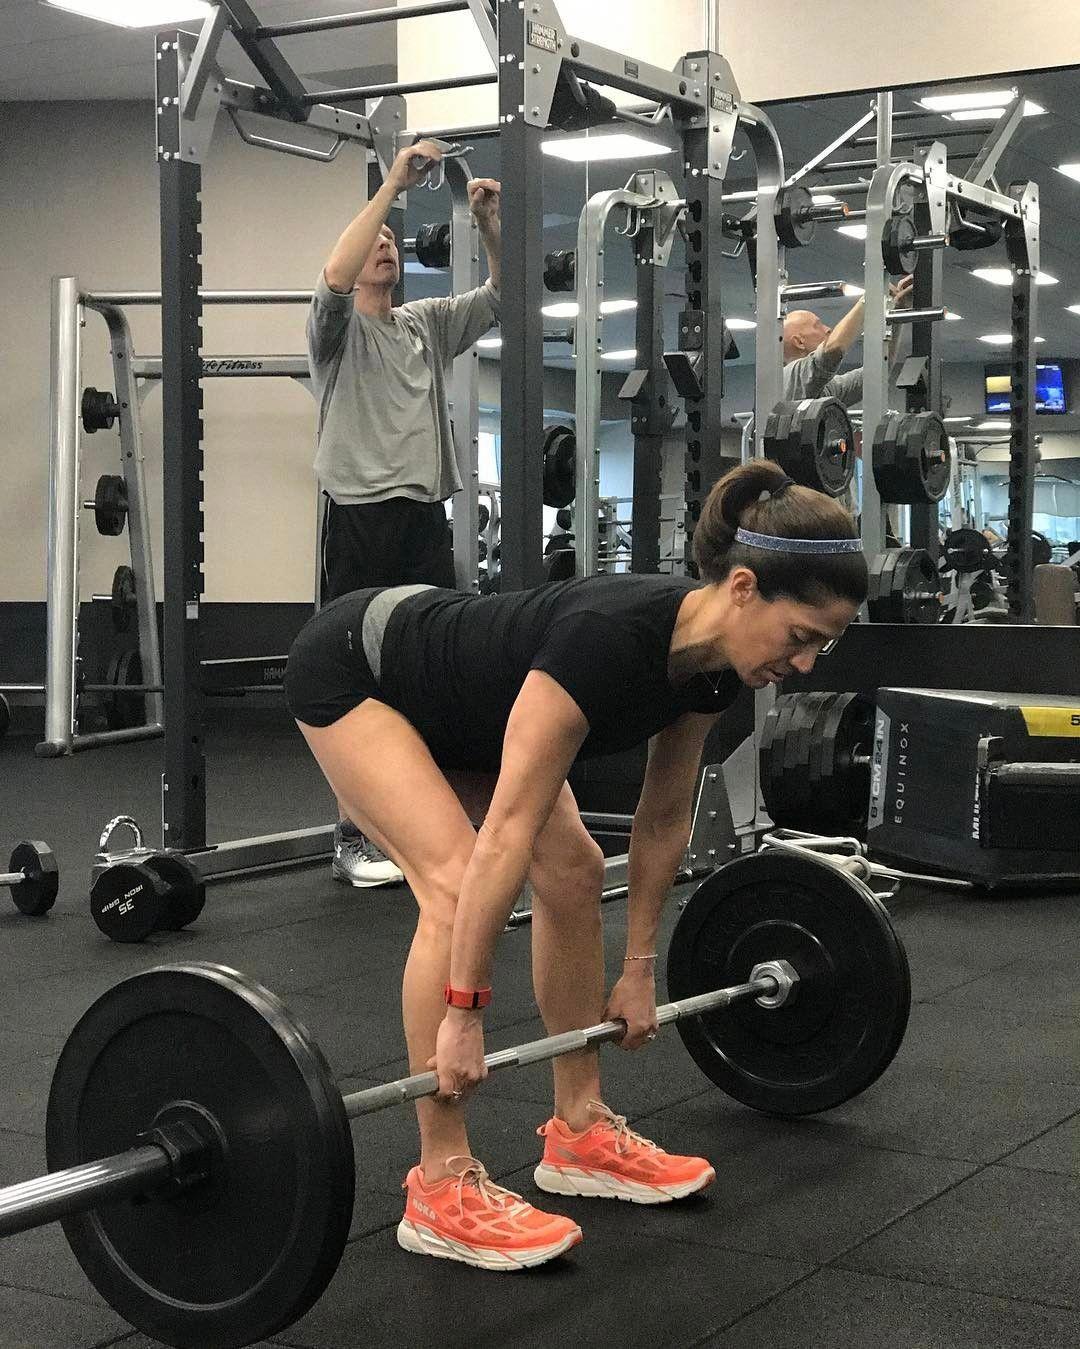 deadlift workout for beginners # ...